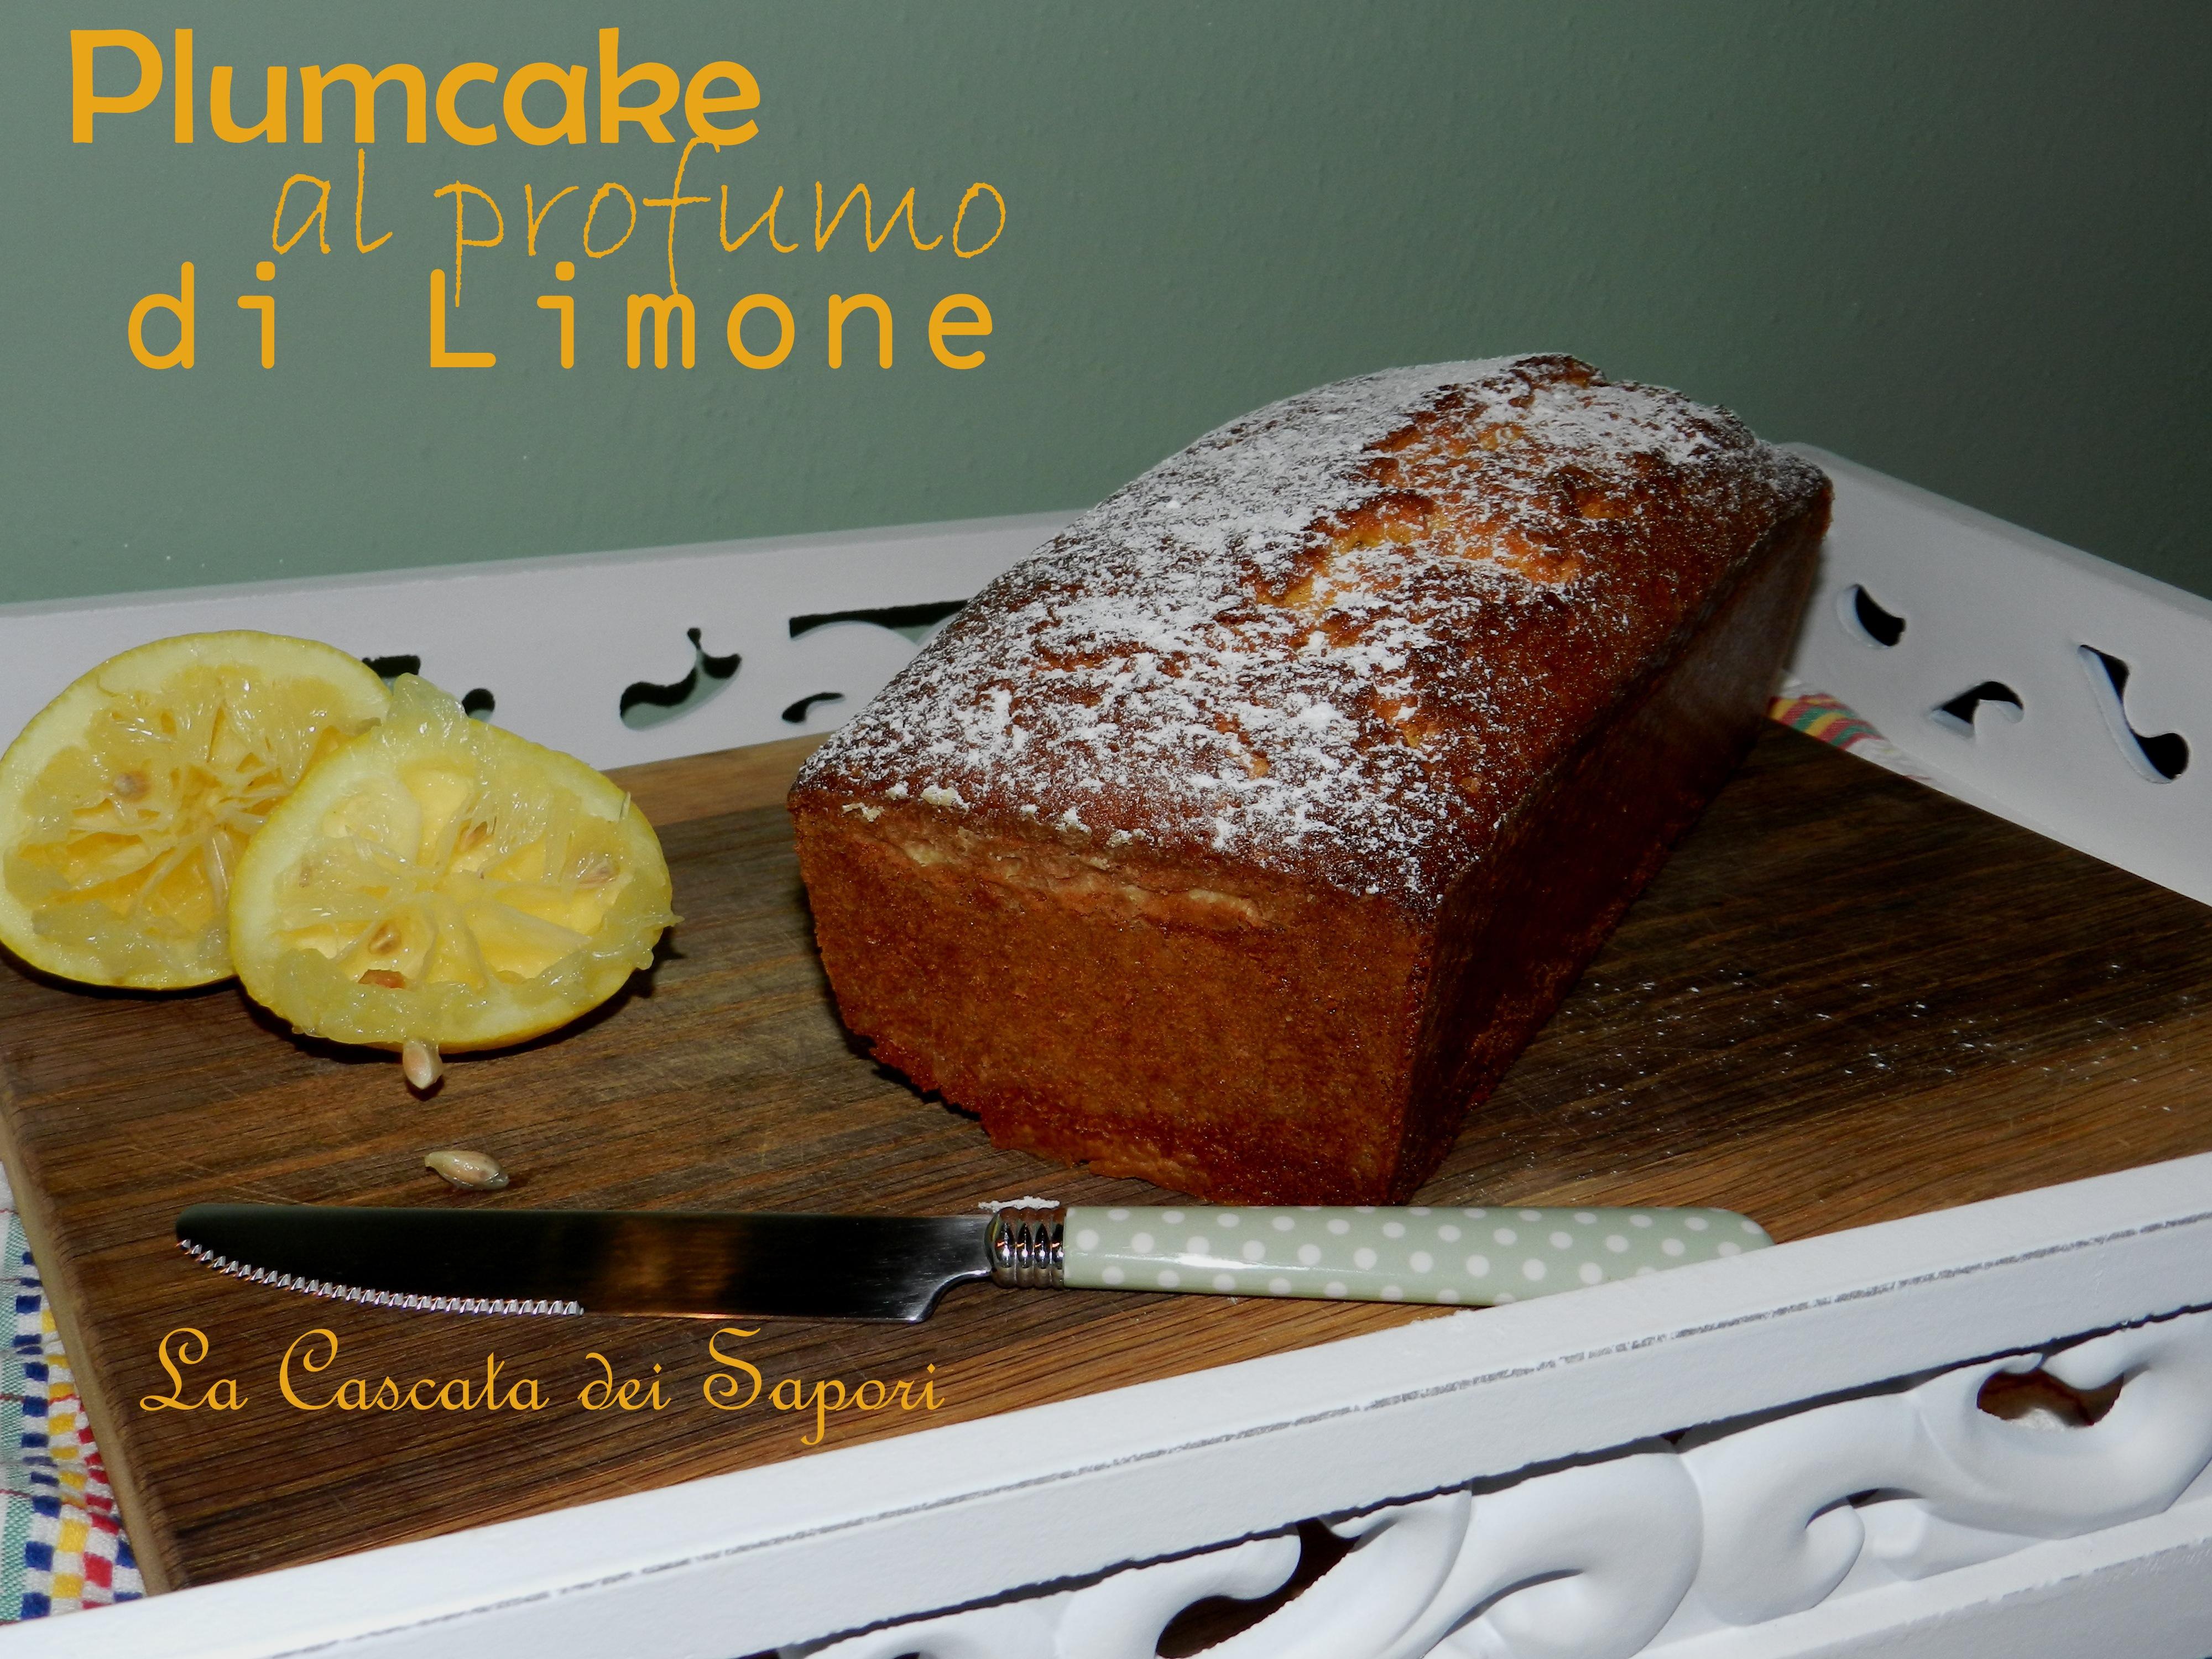 Plumcake al profumo di Limone